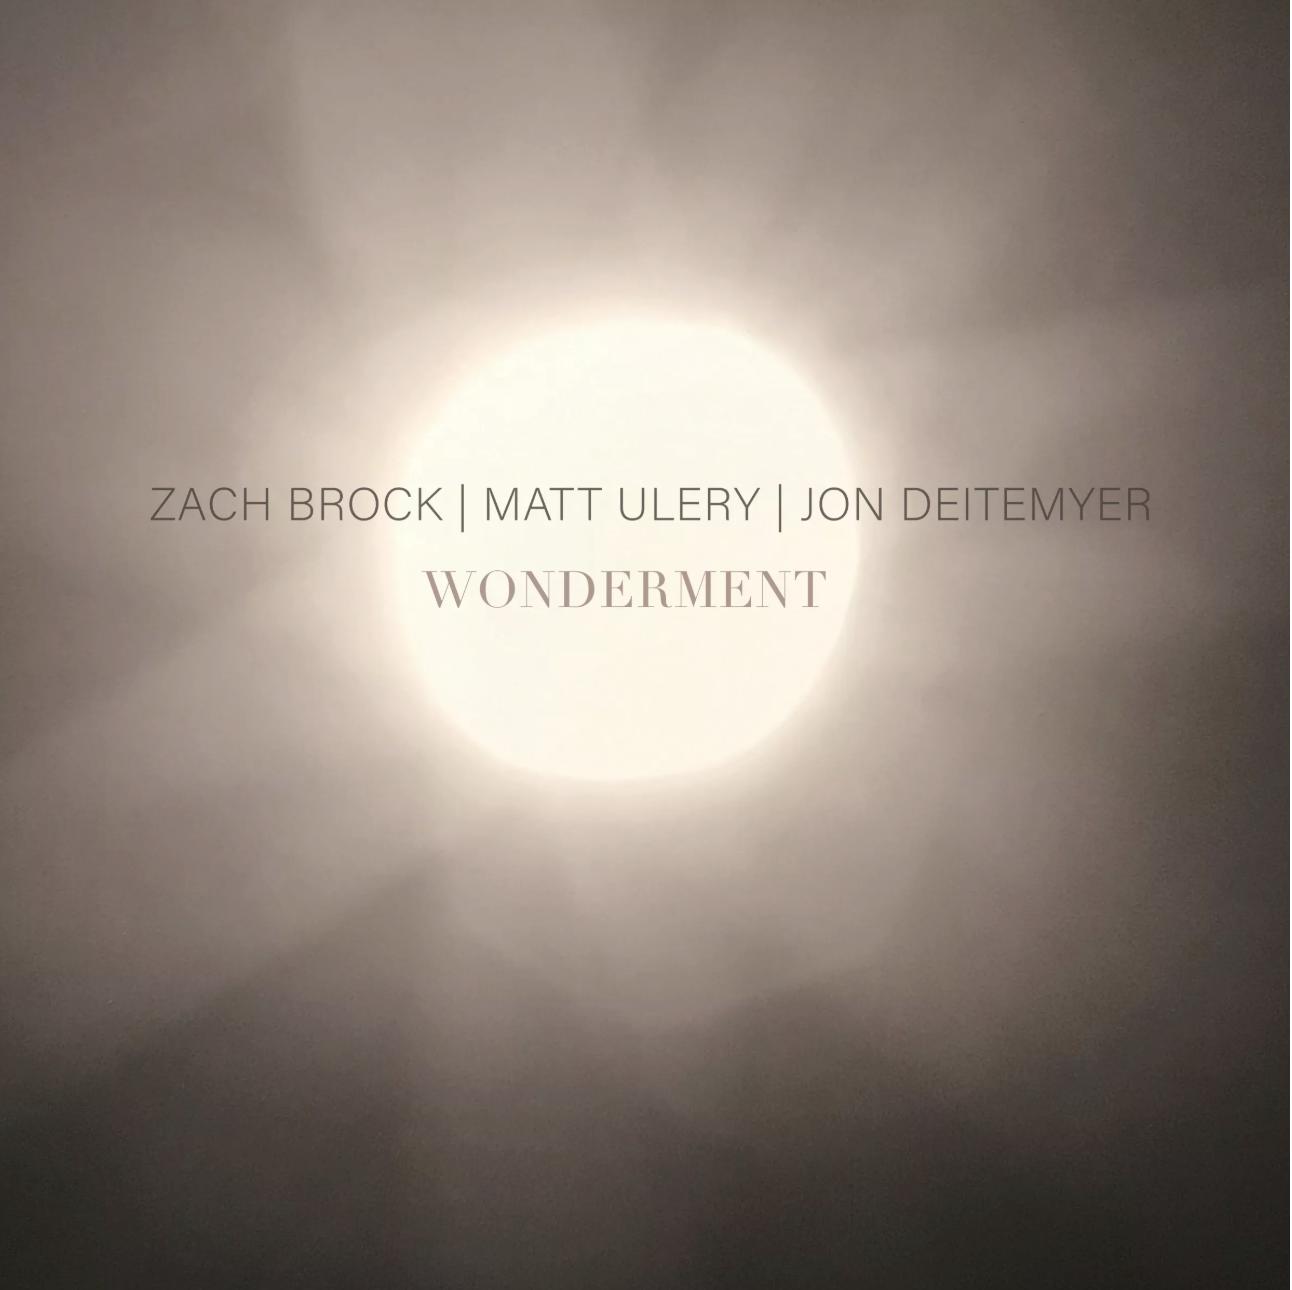 JAZZIZ: Wonderment (Zach Brock/Matt Ulery/Jon Deitemyer) is one of Ten New Albums you Need to Know!